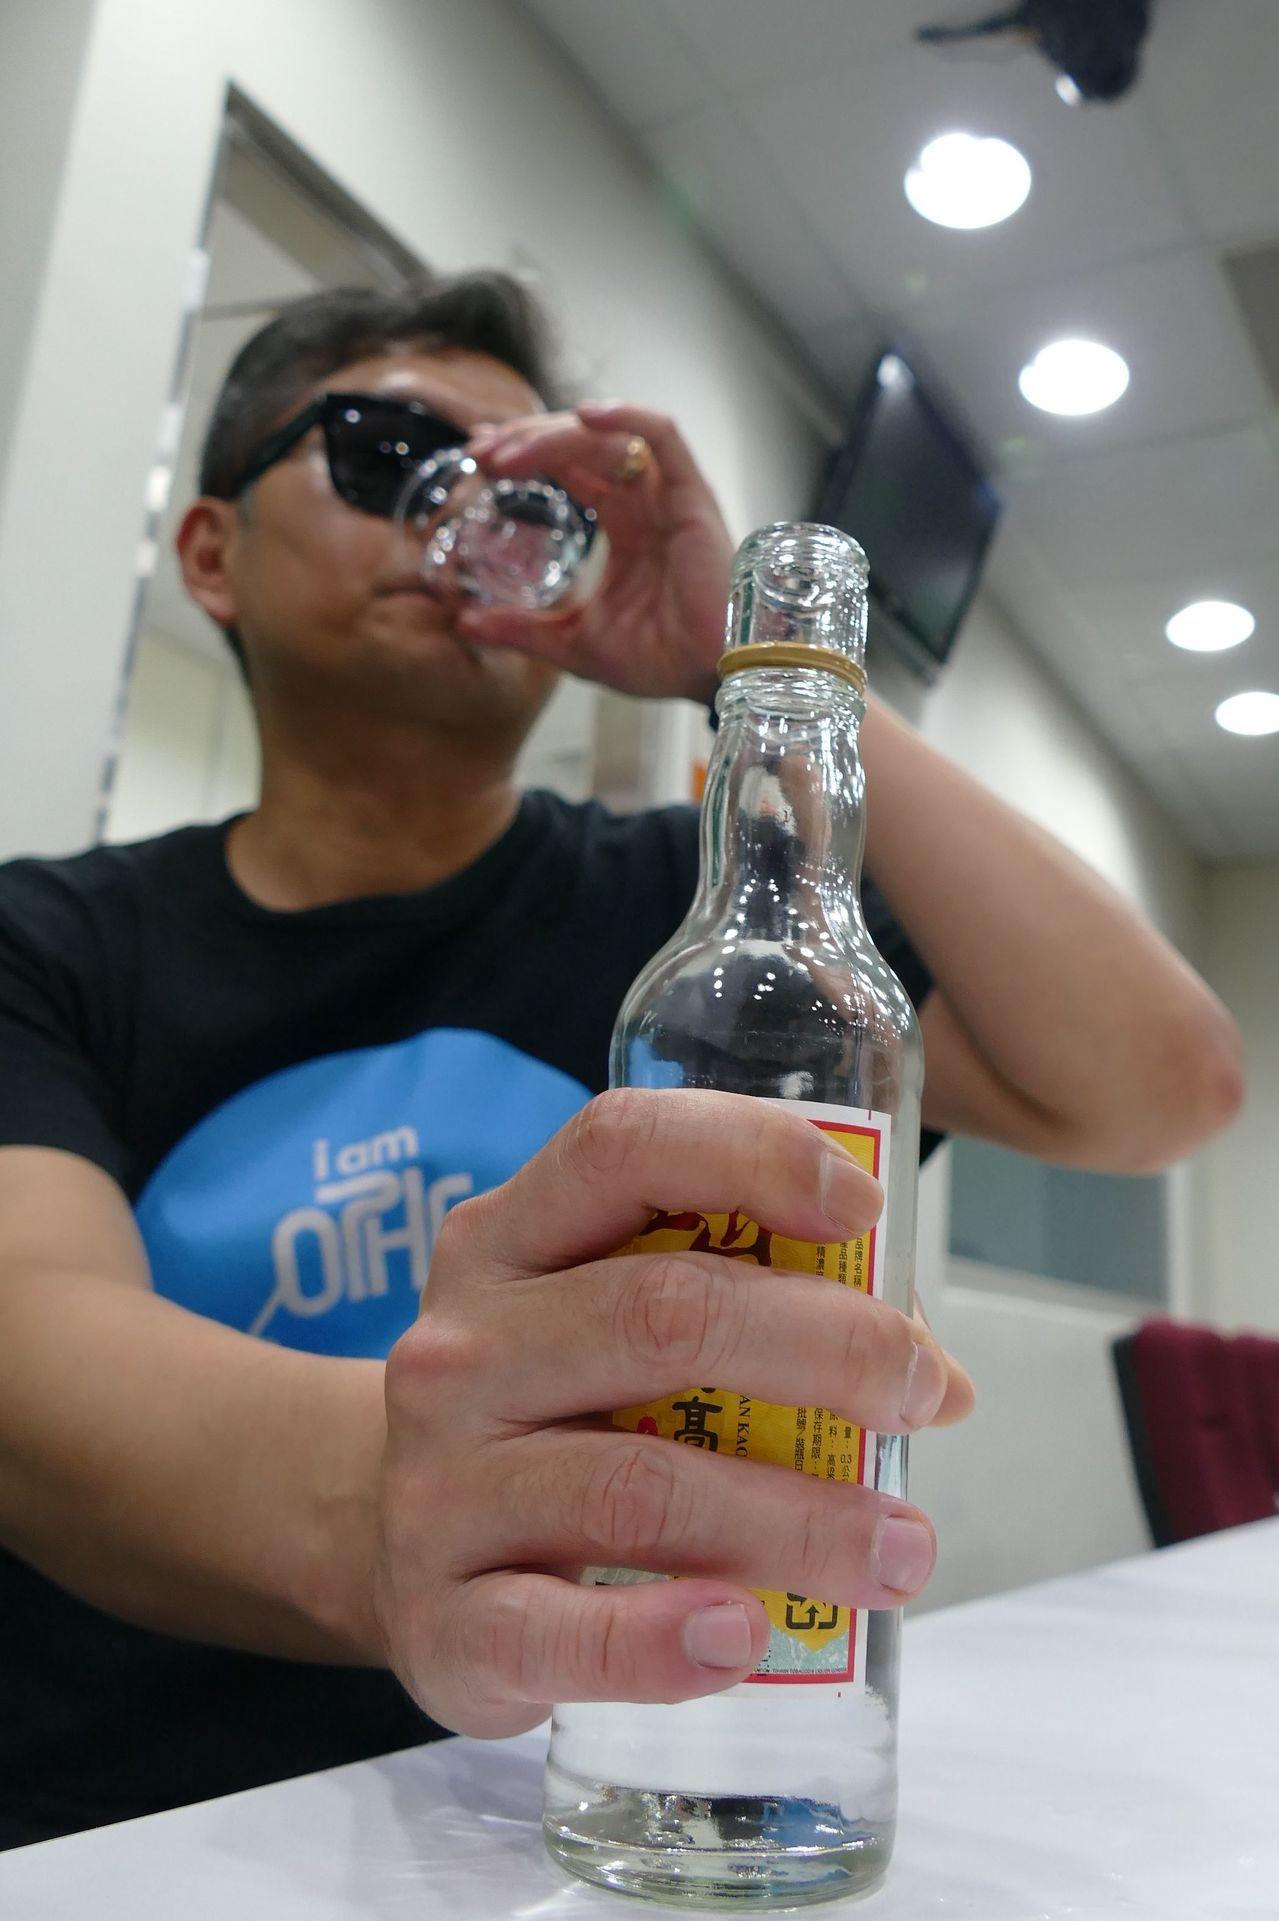 醫師陳逸群說明,有的人有酒癮不自知,往往要到不喝酒出現疲憊、失眠、手抖、記性變差...